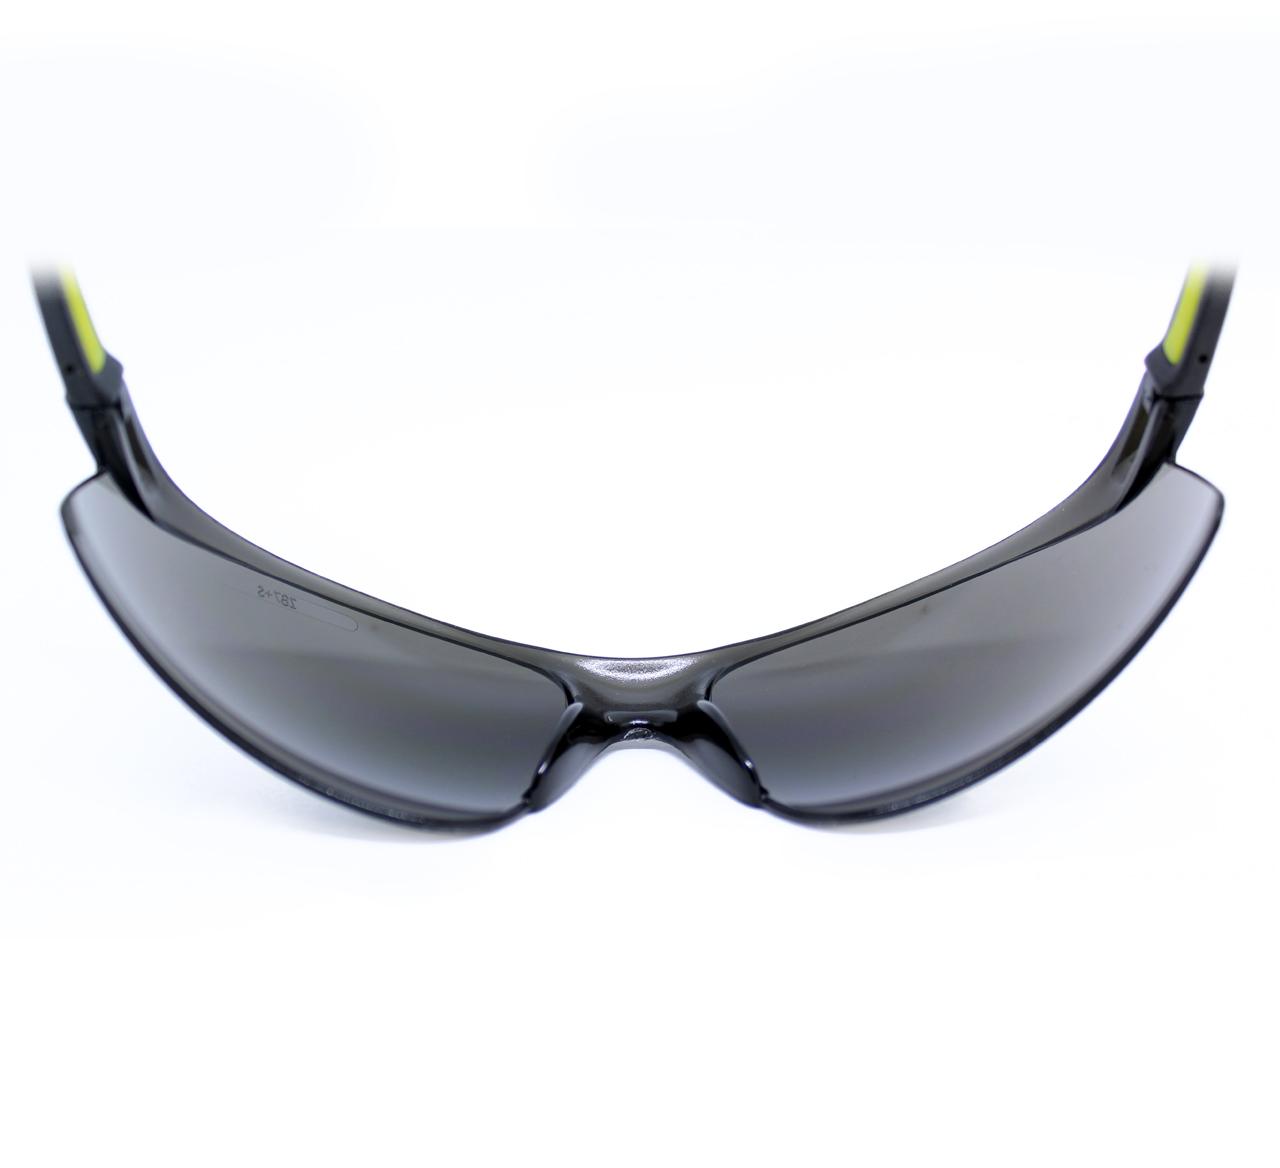 Óculos de Proteção SPARK Lente Cinza. Sidebar. ac000319-extra-interna-1 bc231a0372